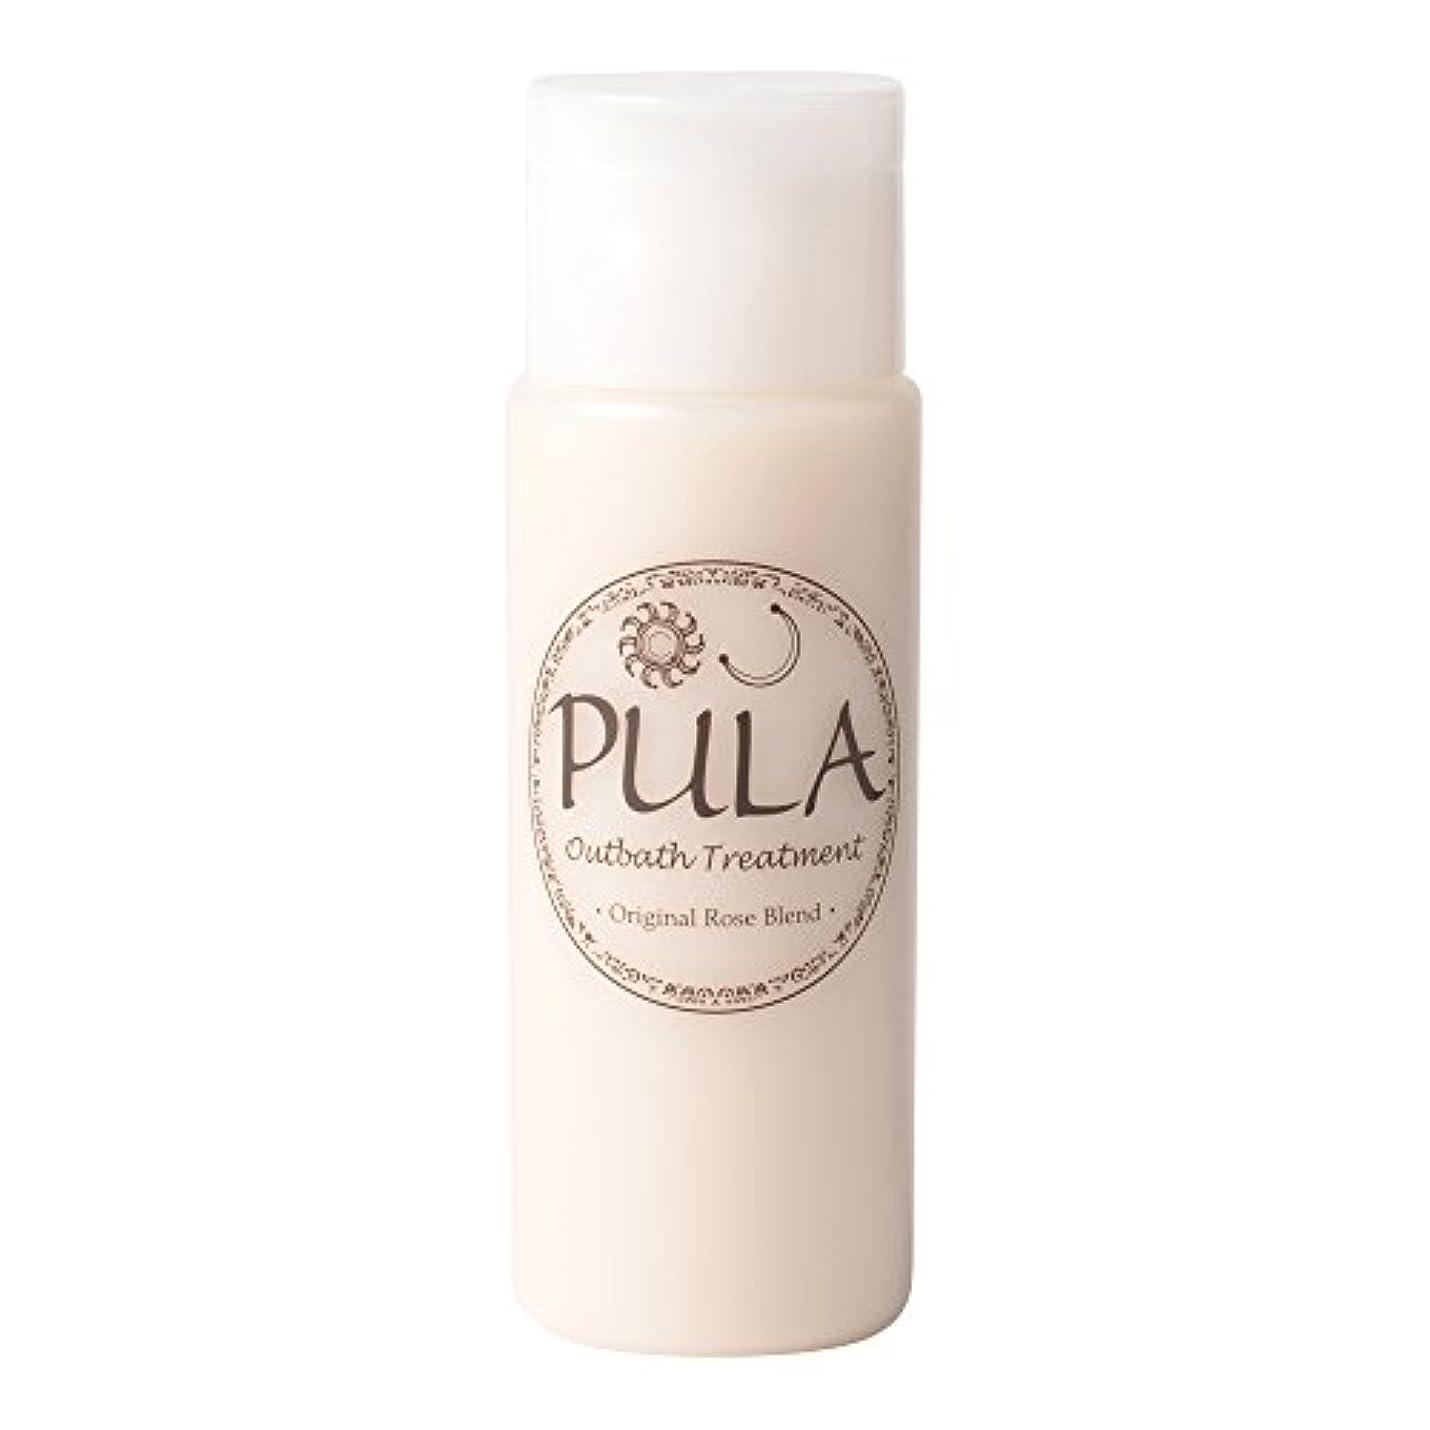 勃起熟考するポジティブプーラ アウトバストリートメント 150mL 【ローズの香り】洗い流さないタイプのトリートメント  ヘッドスパ専門店 PULA